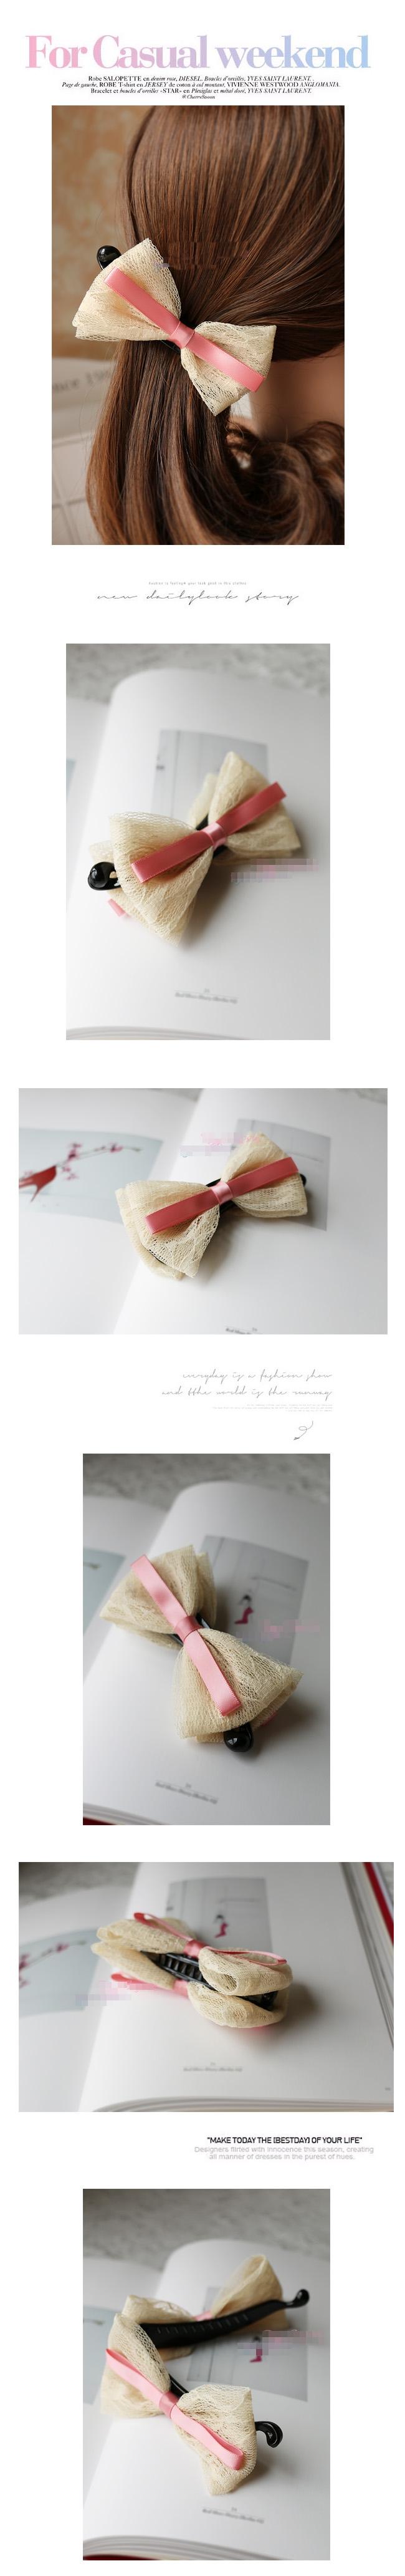 กิ๊บกล้วยโบว์ผ้าลูกไม้ไม้สีครีมแต่งโบว์ชมพูสไตล์ญี่ปุ่น